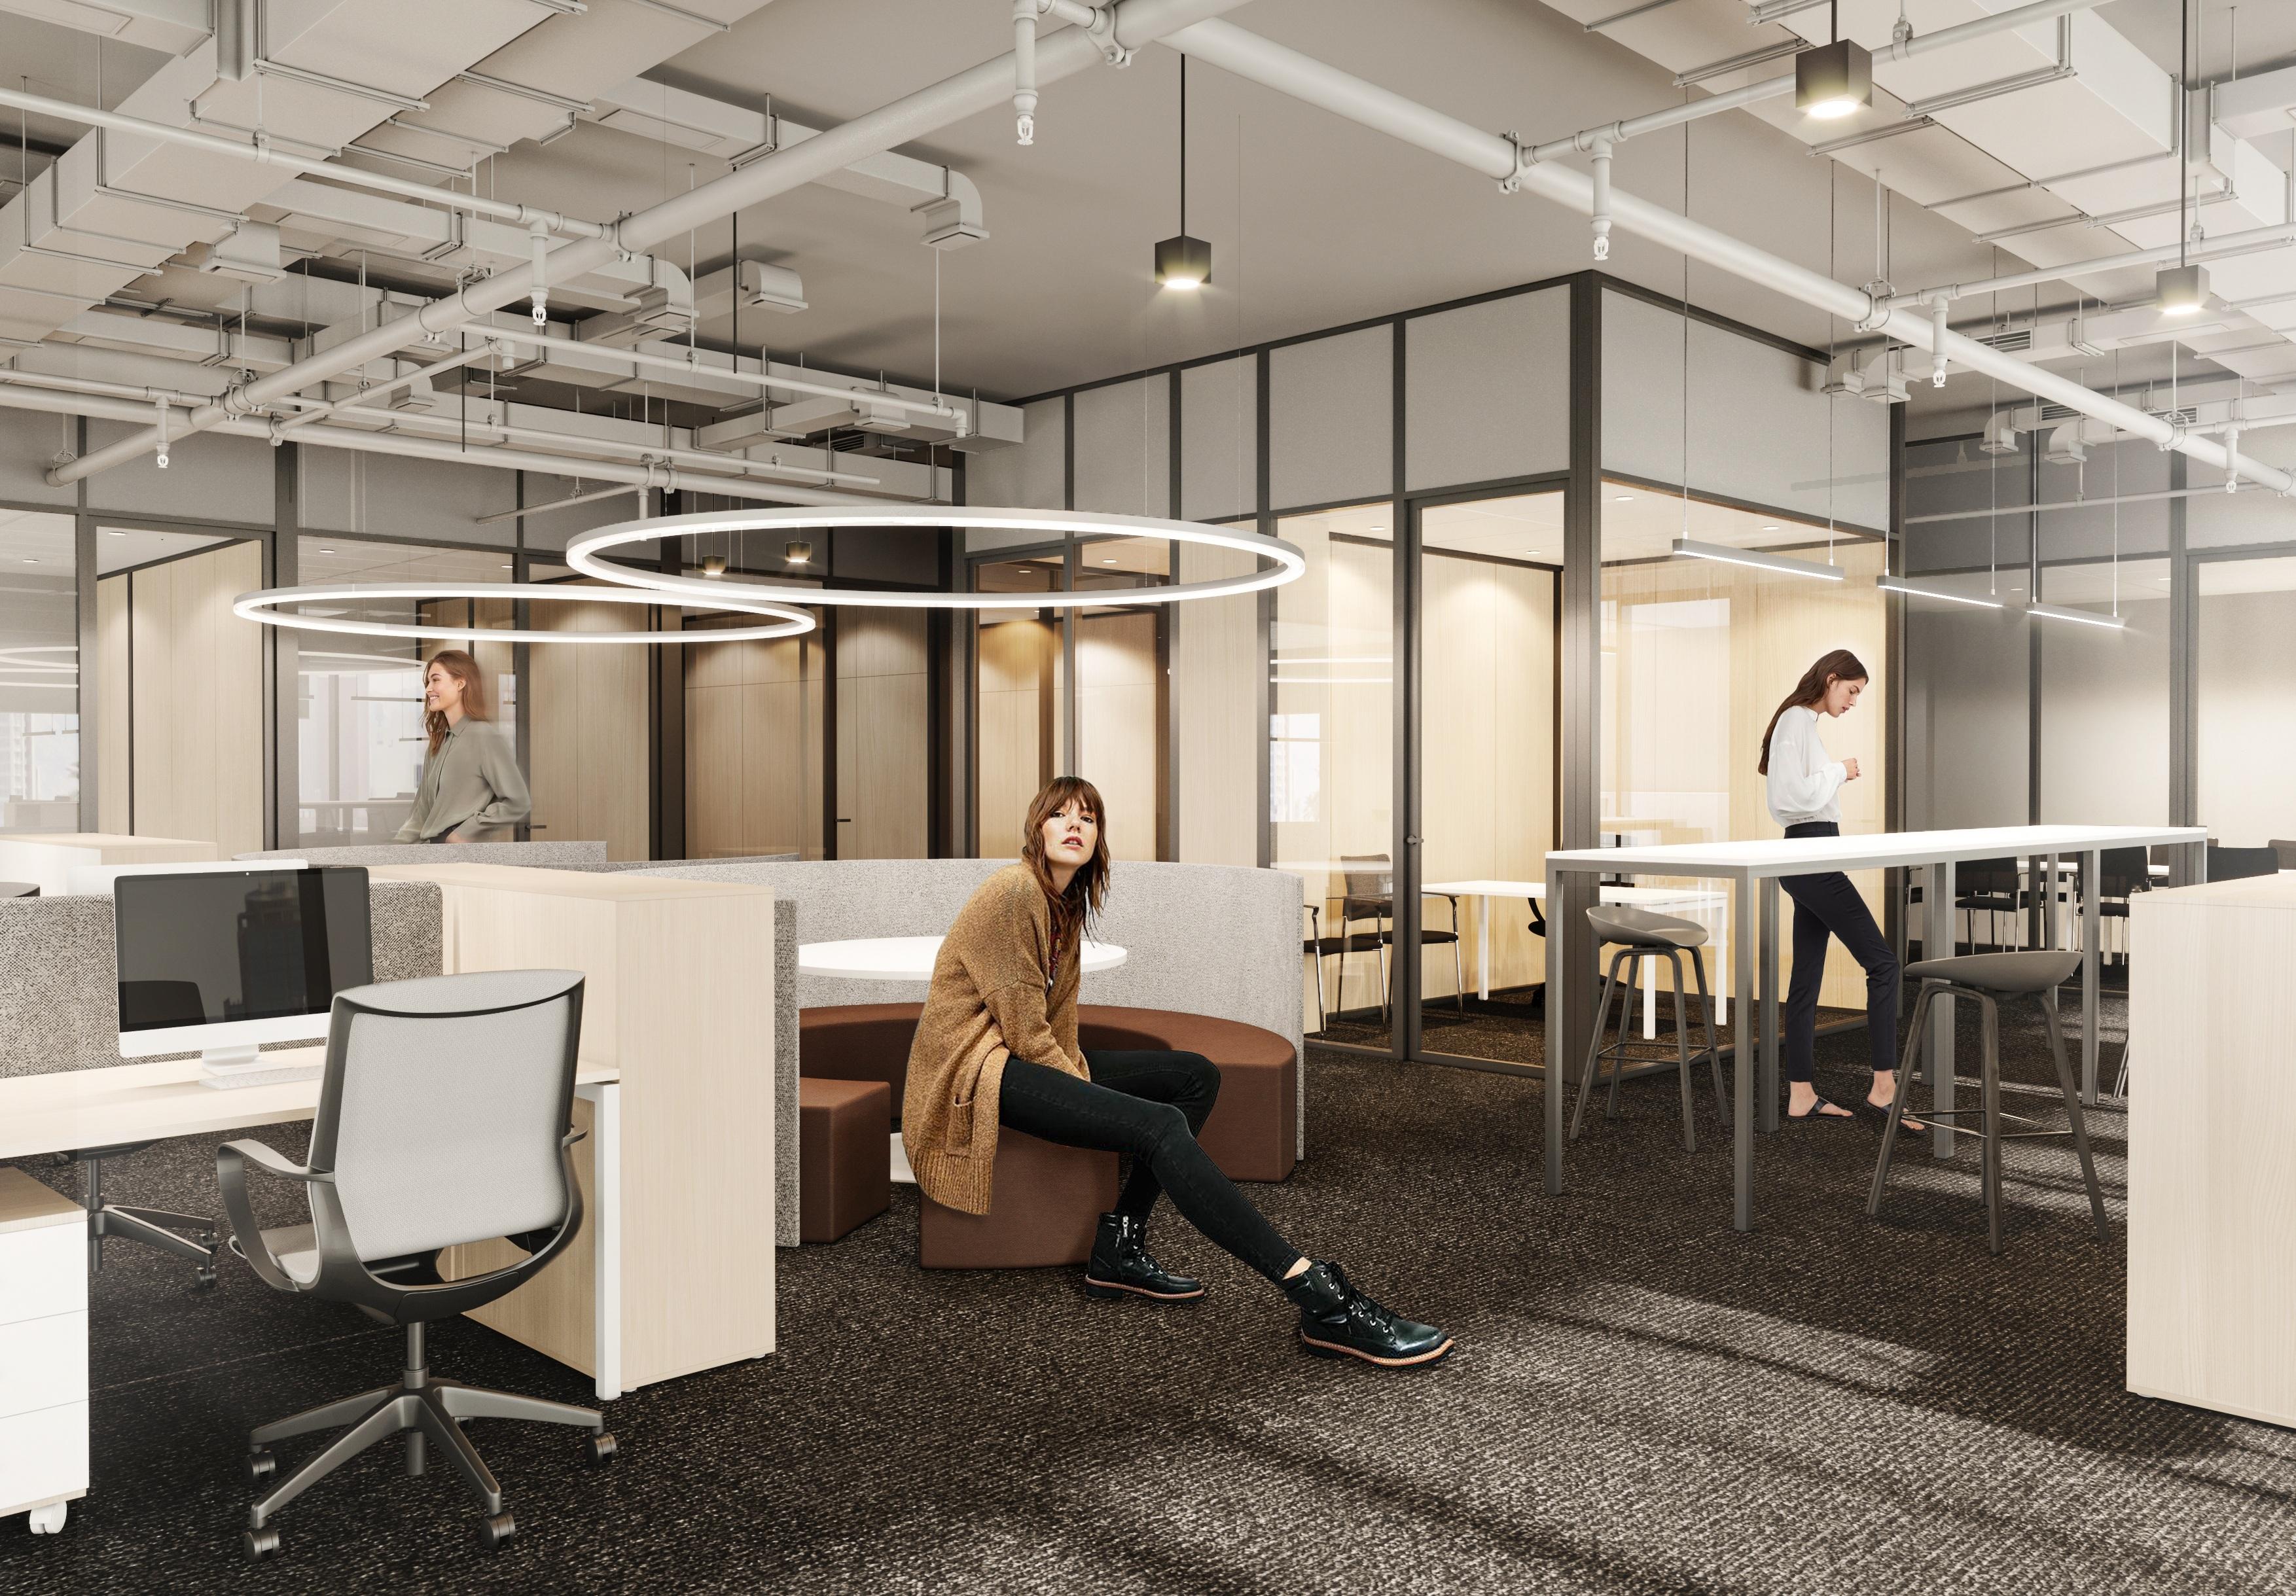 Бизнес-центр класса А Technopark Plaza. Визуализация